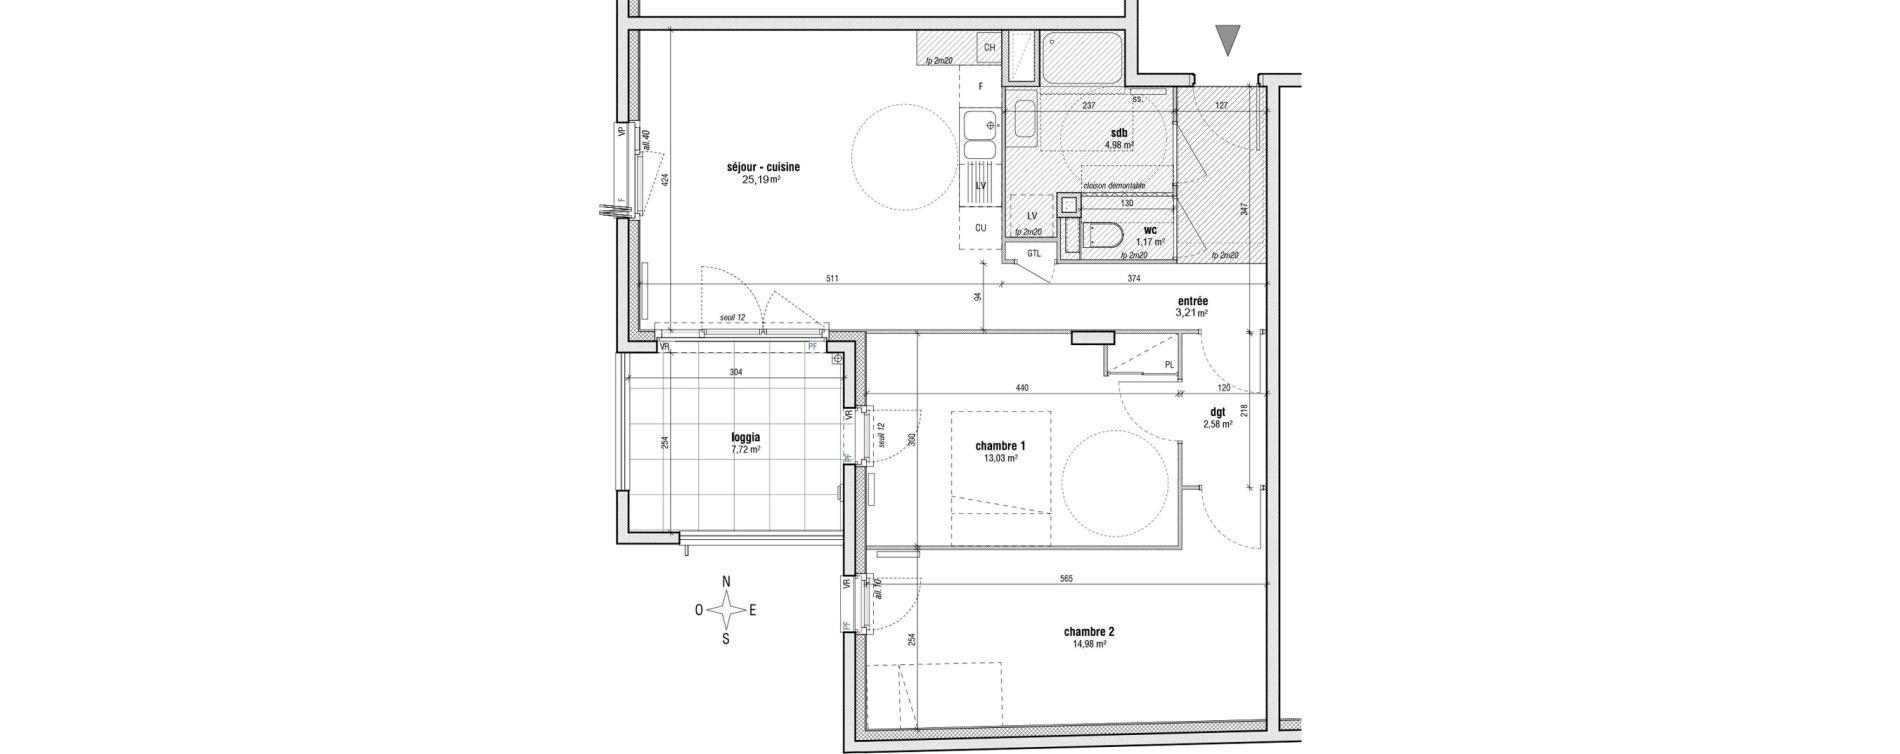 Appartement T3 de 65,24 m2 à Villeurbanne Gratte-ciel - dedieu - charmettes